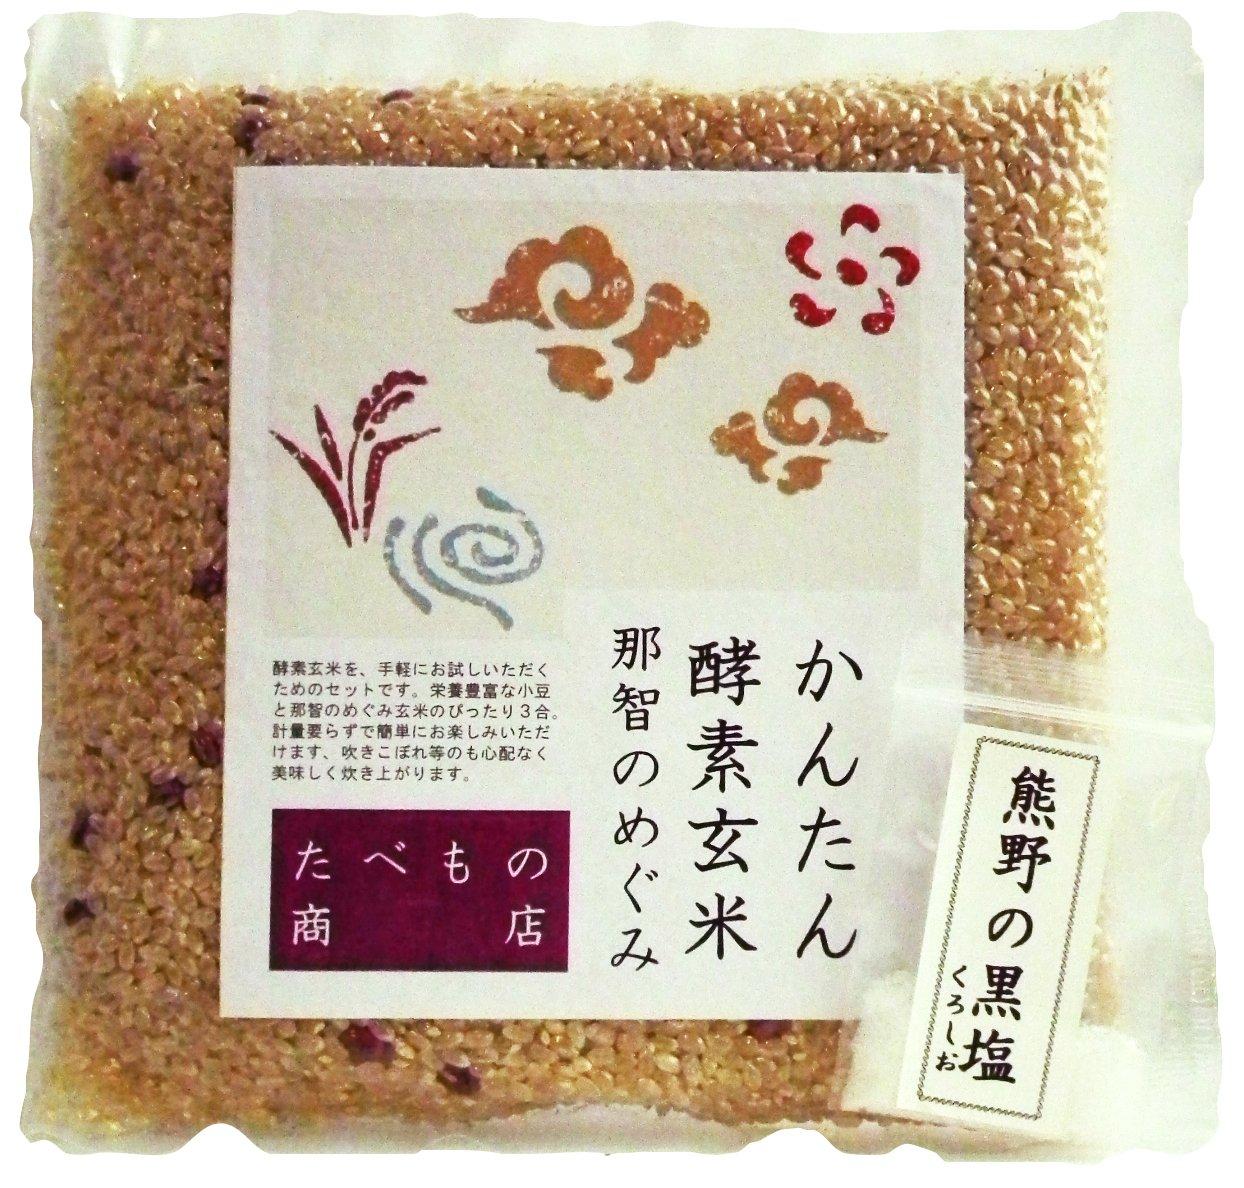 那智のめぐみ かんたん酵素玄米